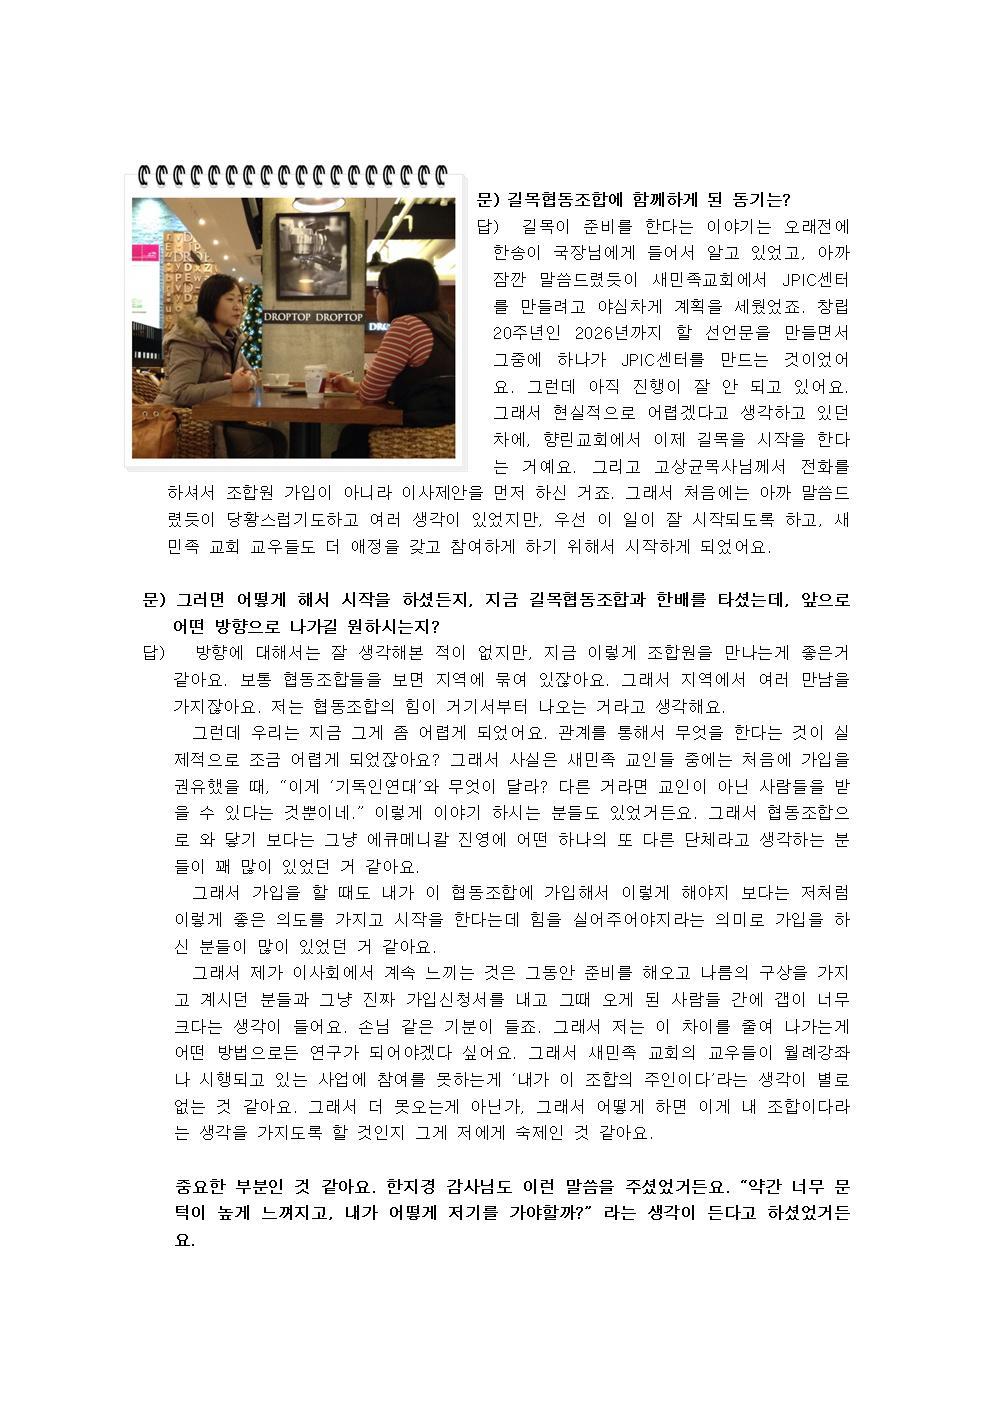 박연미 이사님 담소002.jpg